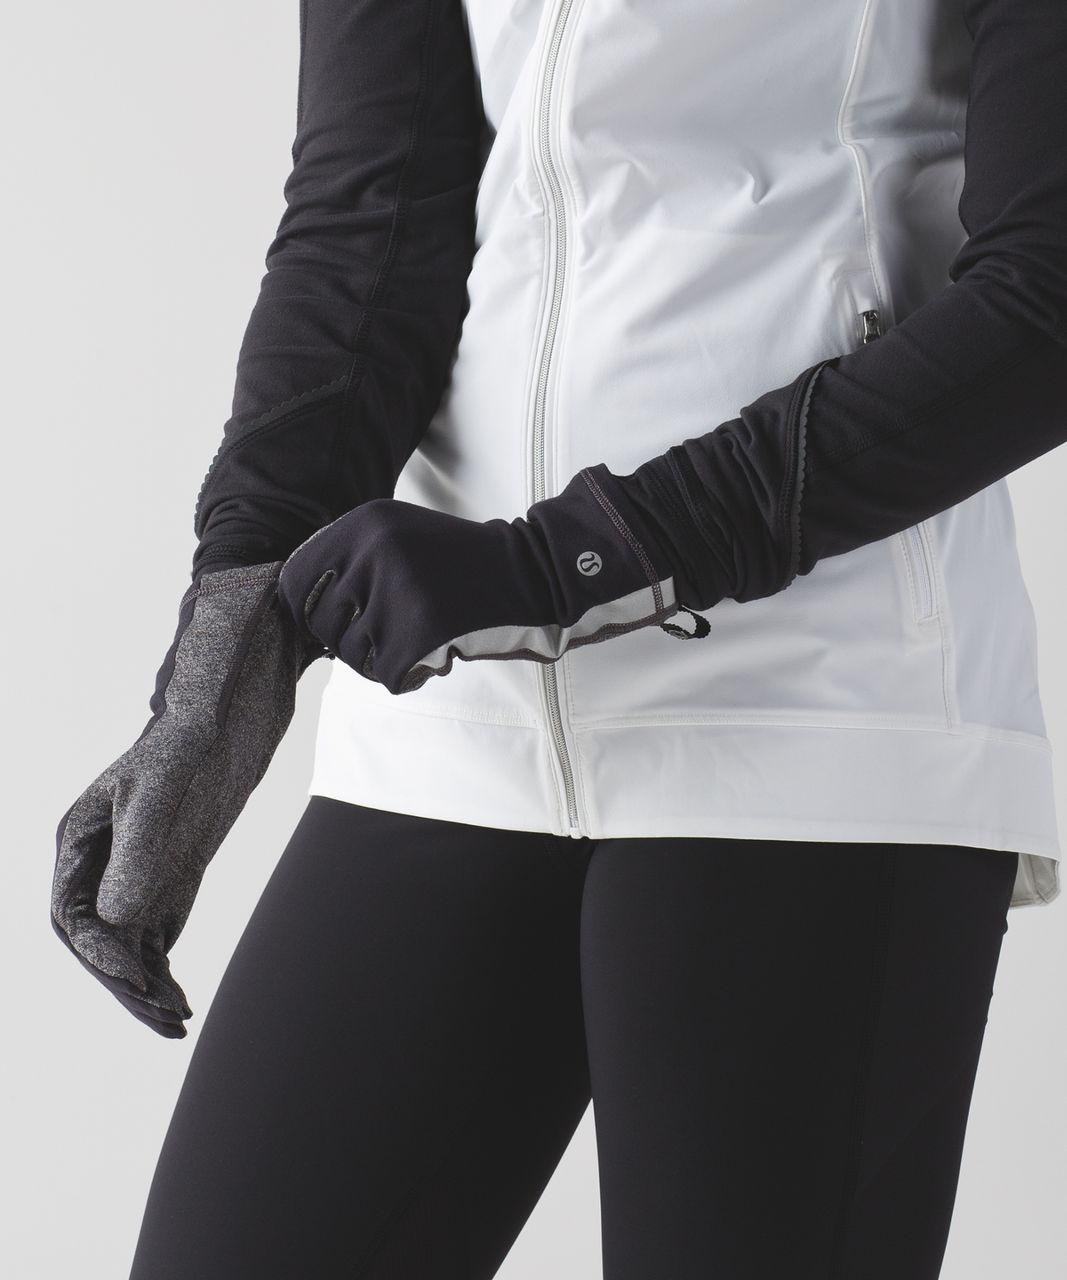 lululemon gloves